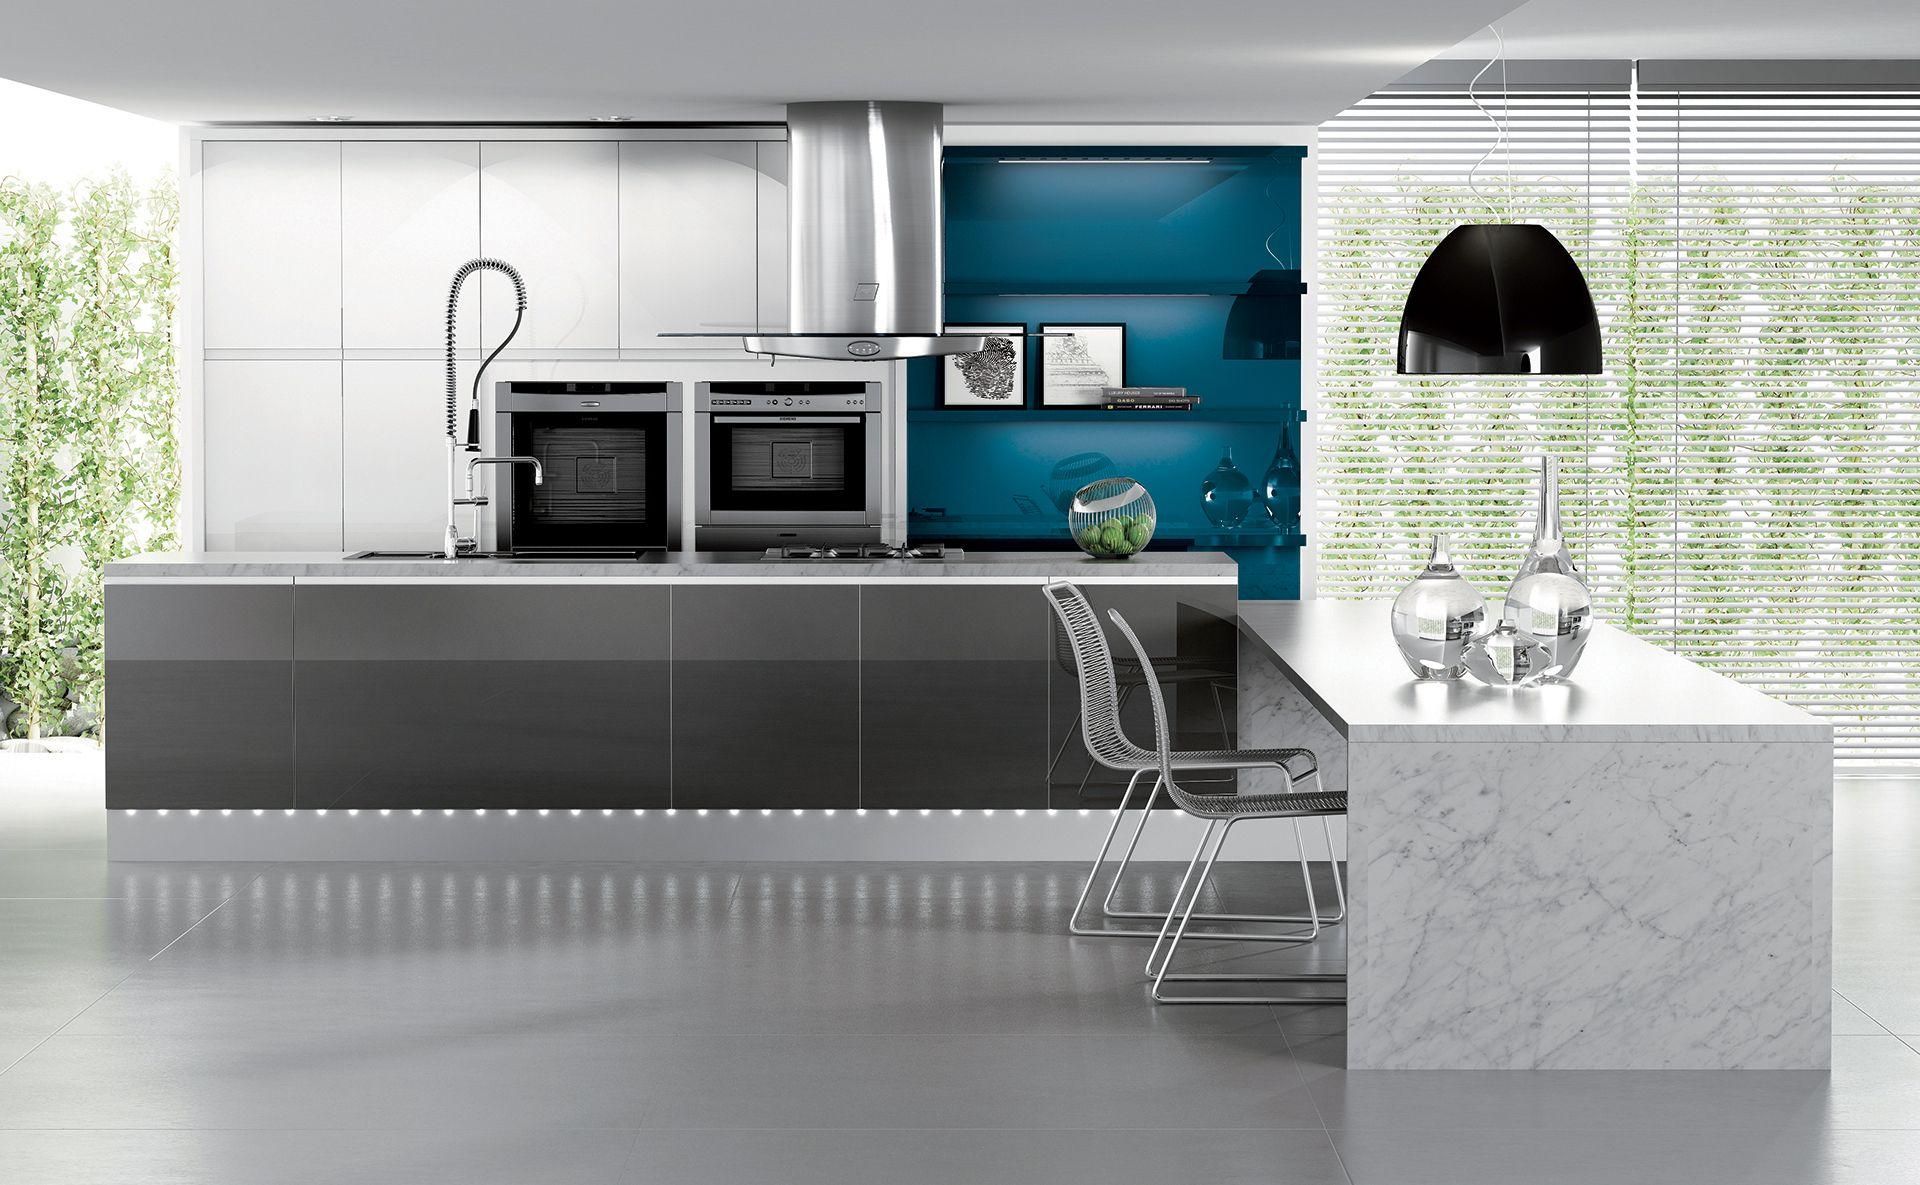 cuisine baccarat sobre et l gante quip e par cuisines teisseire. Black Bedroom Furniture Sets. Home Design Ideas